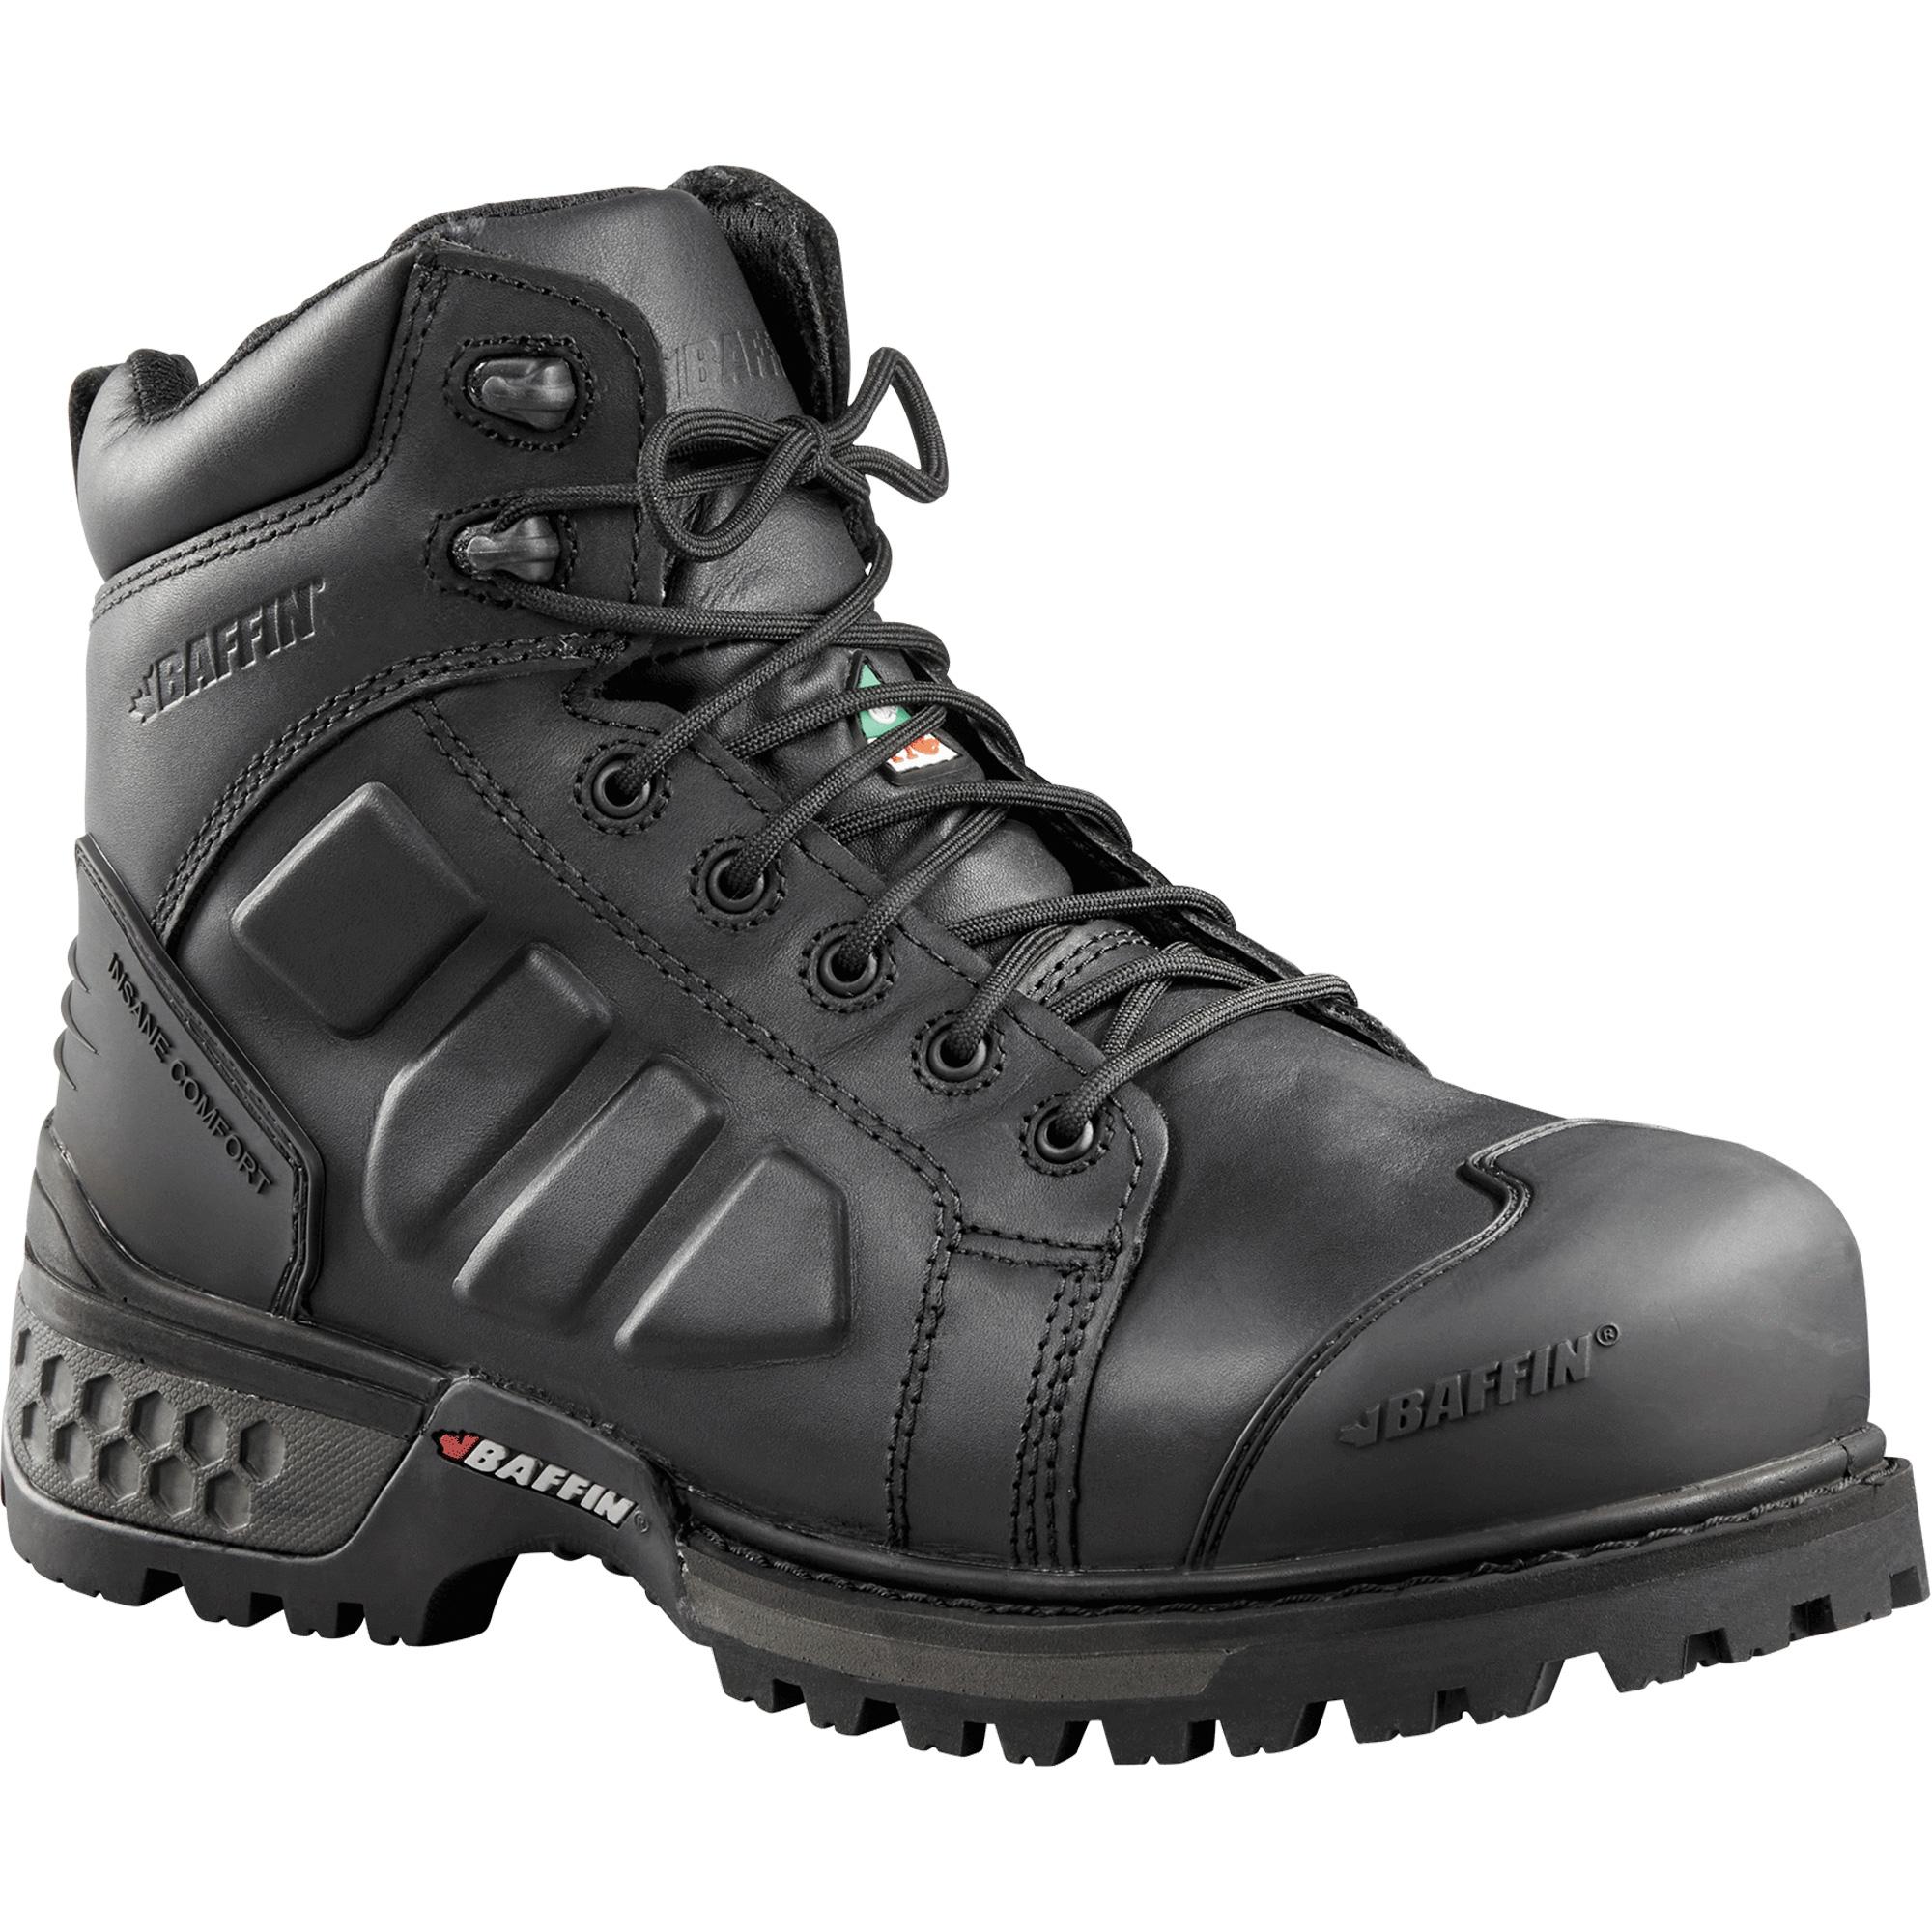 6eaaf527ca8082 BAFFIN TECHNOLOGY Monster Boots SGE993 (MNSTMP02-BK1-10 ...